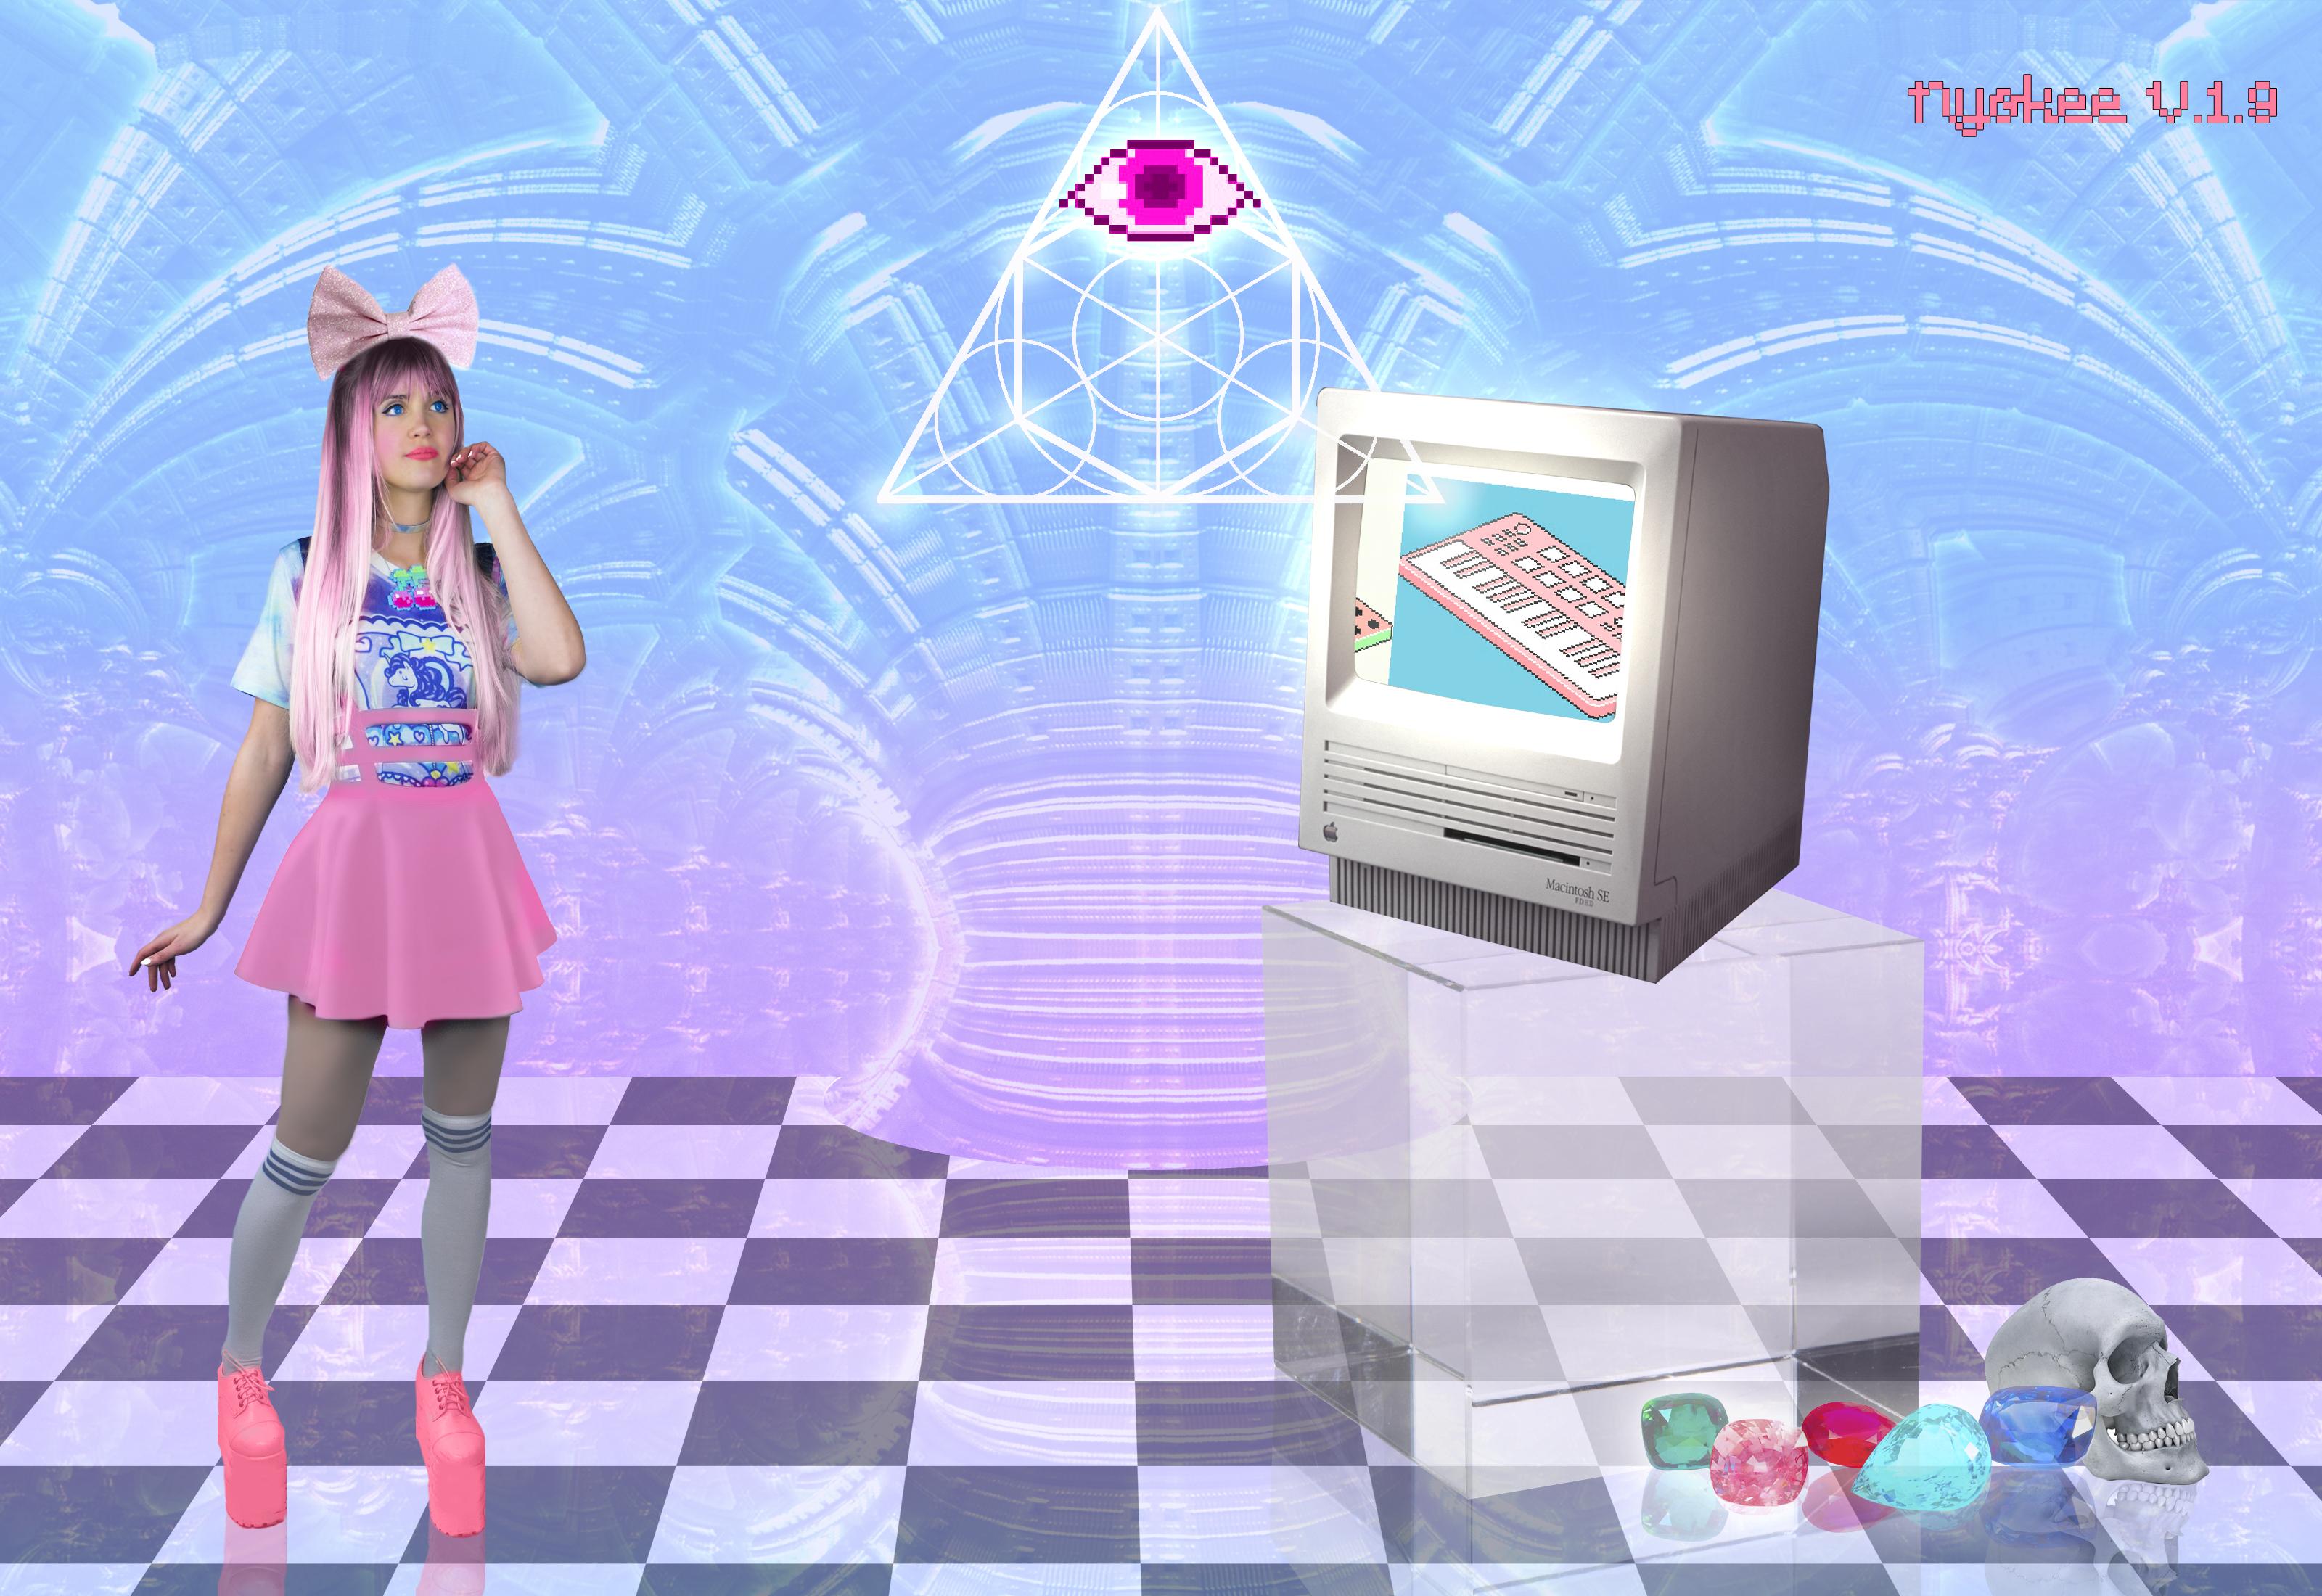 Psychedelic Barbie retro computer